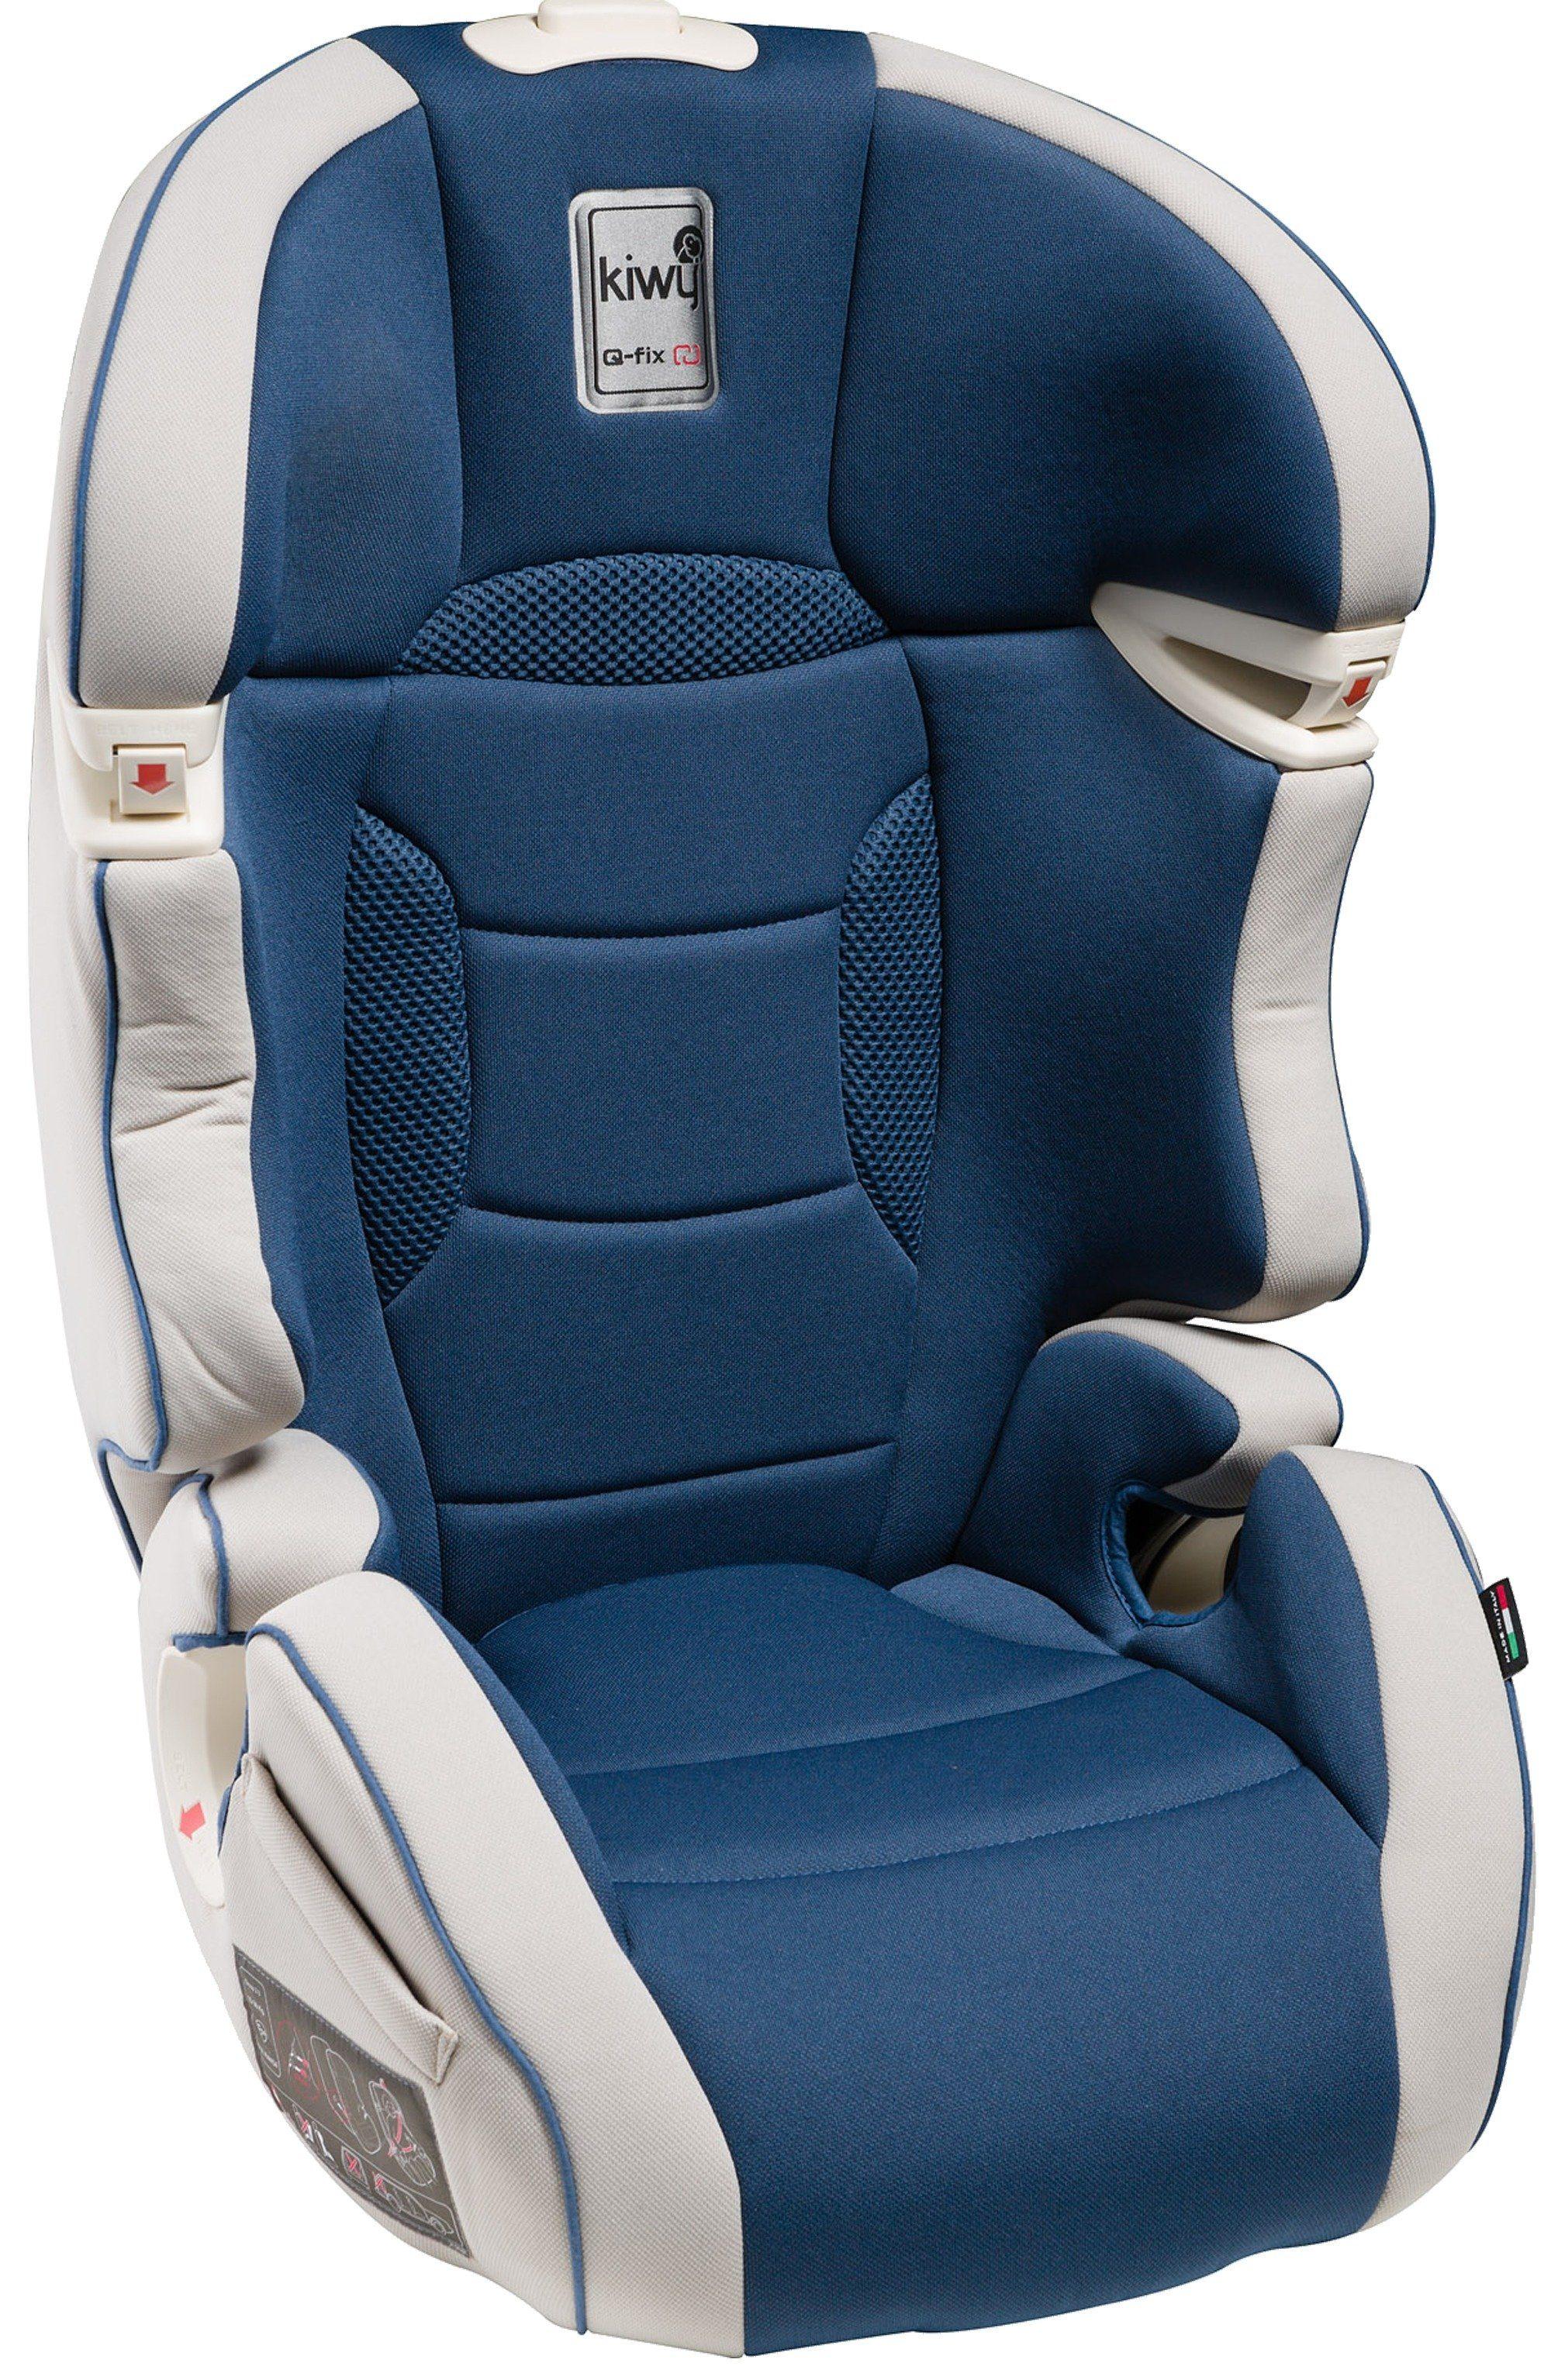 Kindersitz »SLF23«, mit Q-Fix Adapter für Isofix Haltepunkte im Auto, ocean